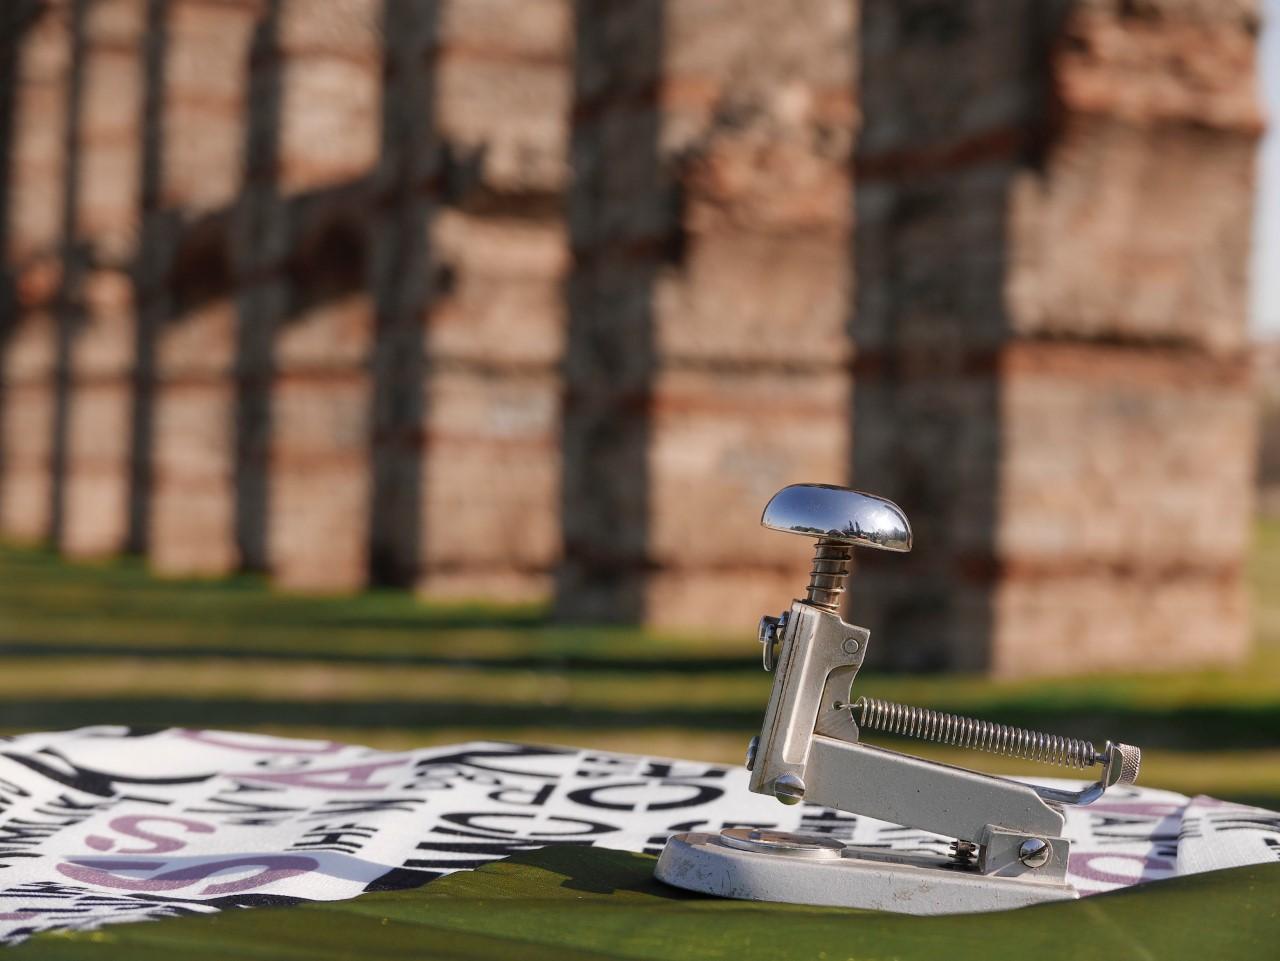 Junta Extremadura. Preinscripción Cursos 2020